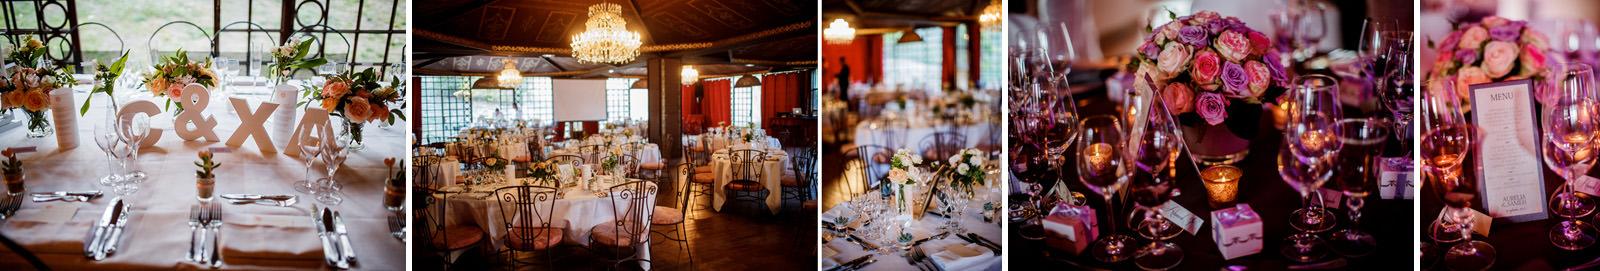 photographe reportage mariage à Paris